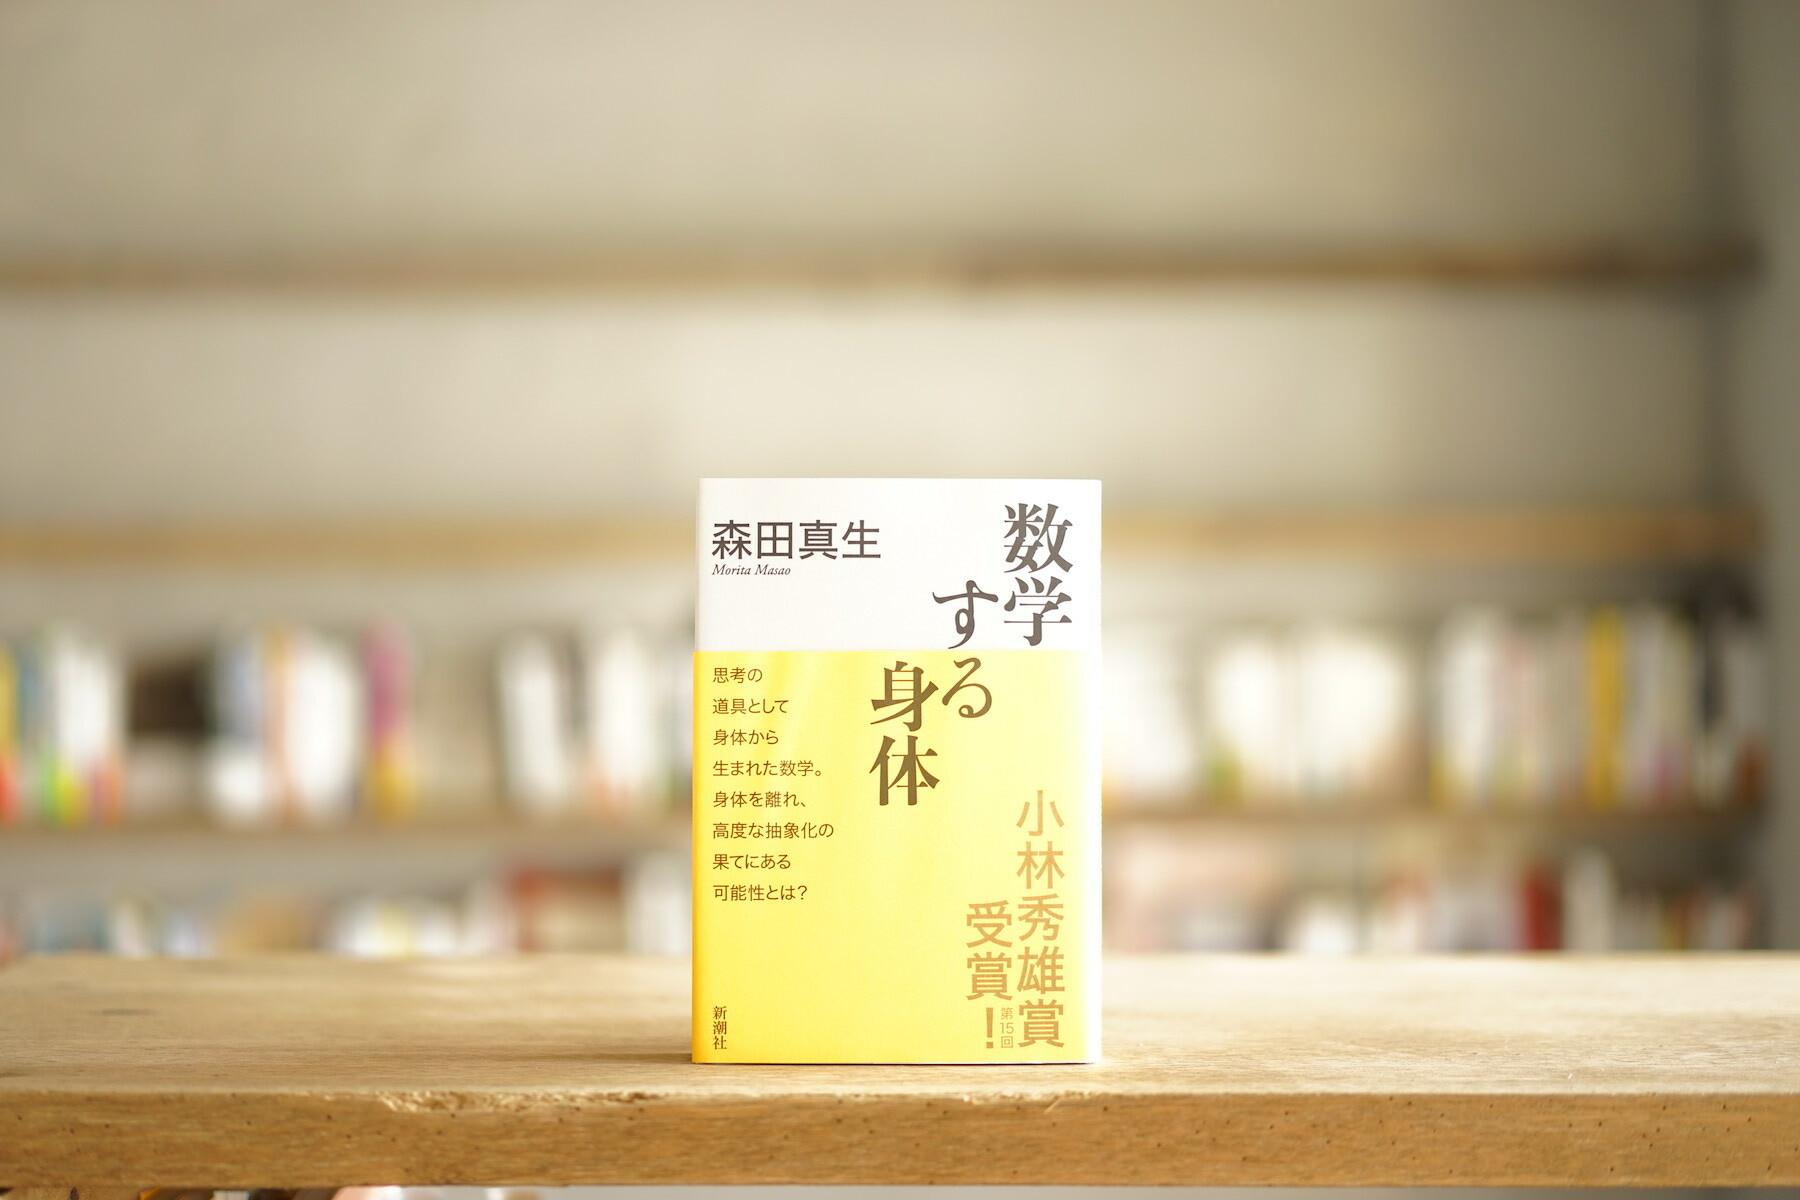 森田真生 『数学する身体』 (新潮社、2015)